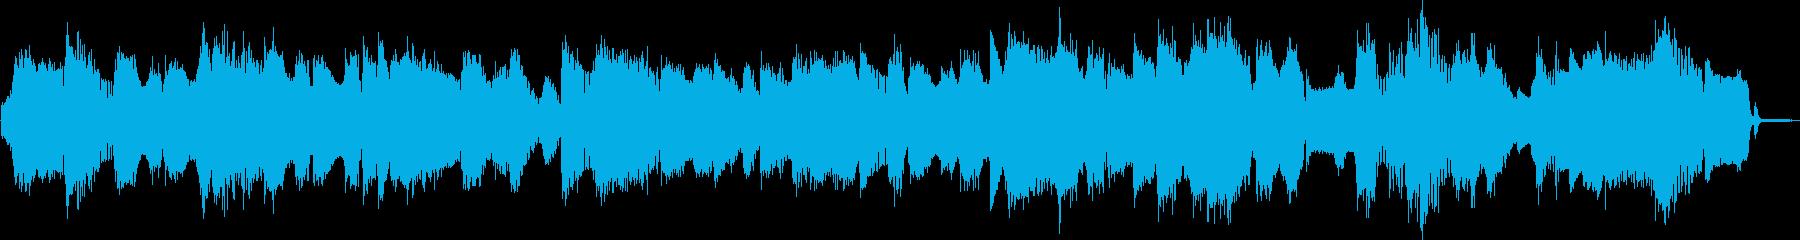 ビックバンドジャズ、スローバラードの再生済みの波形